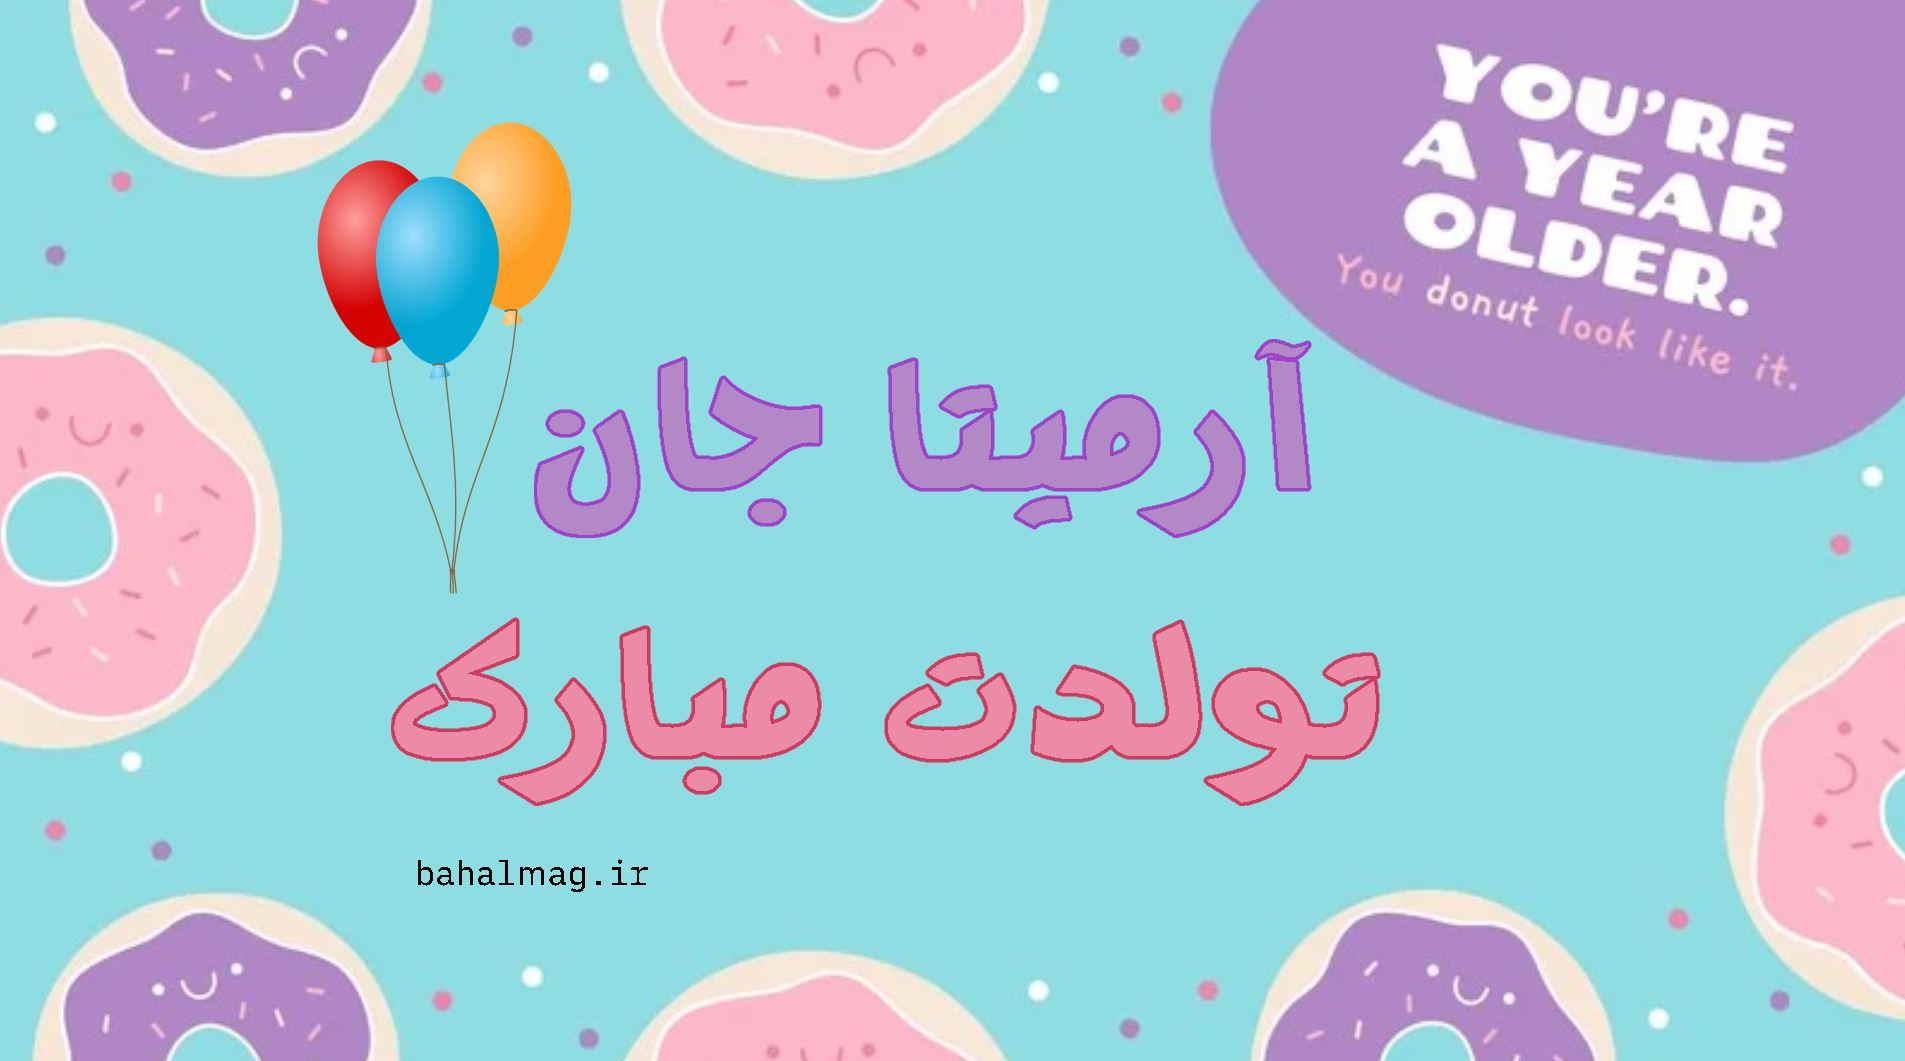 آرمیتا جانم تولدت مبارک باد